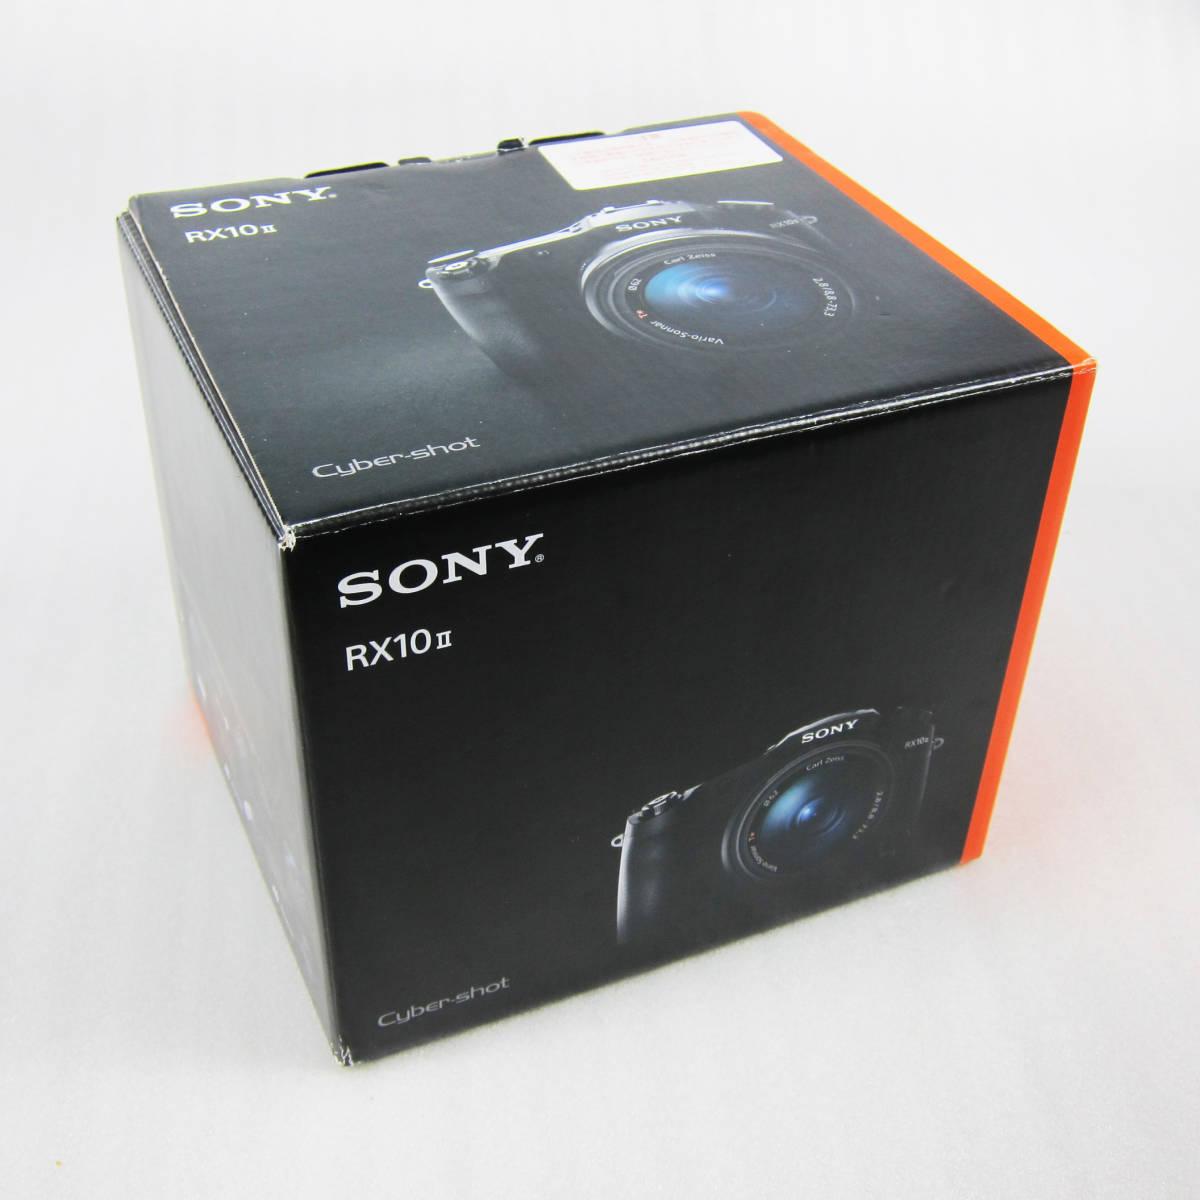 M4109●SONY ソニー デジタルスチルカメラ【海外仕様】Cyber-shot サイバーショット DSC-RX10M2 WiFi 4K 大口径ツァイス レンズ 未使用新品_画像8